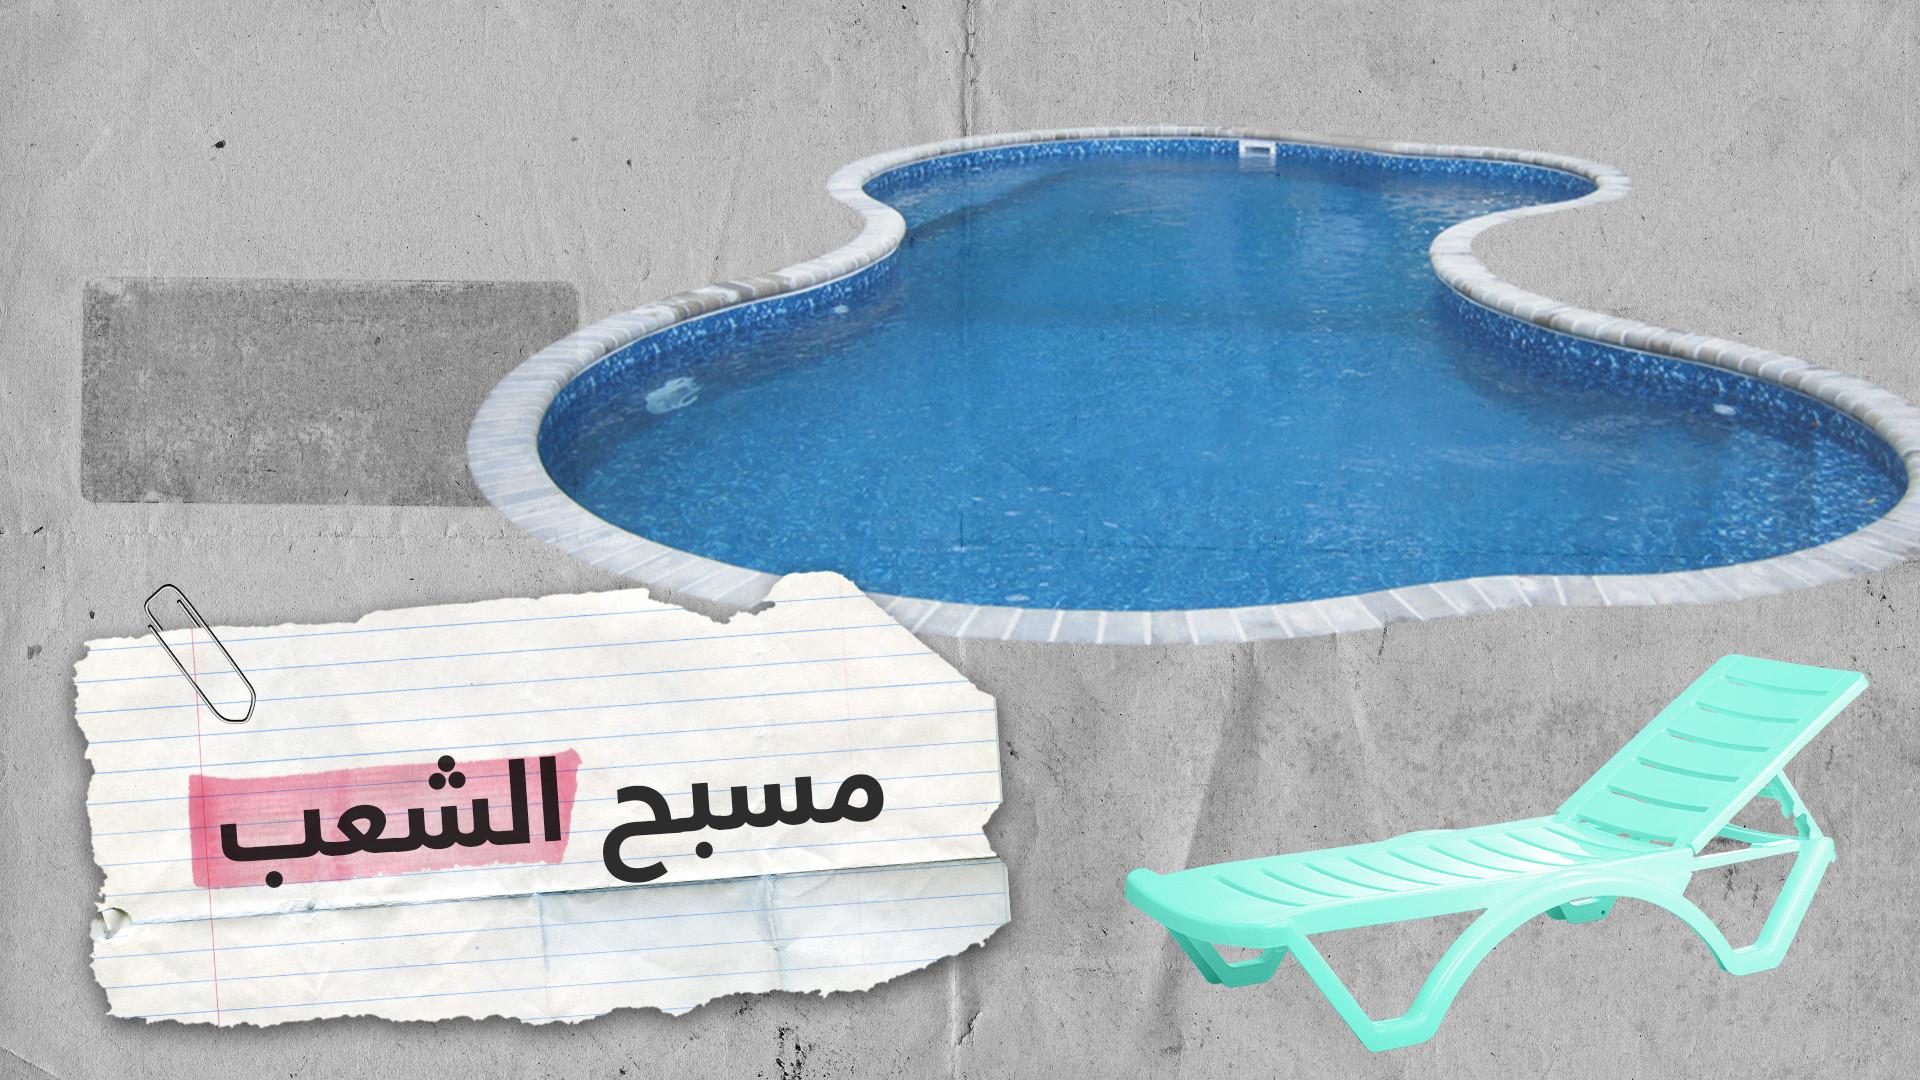 وزير السياحة السوري: قريبا مسبح الشعب بمدن سوريا